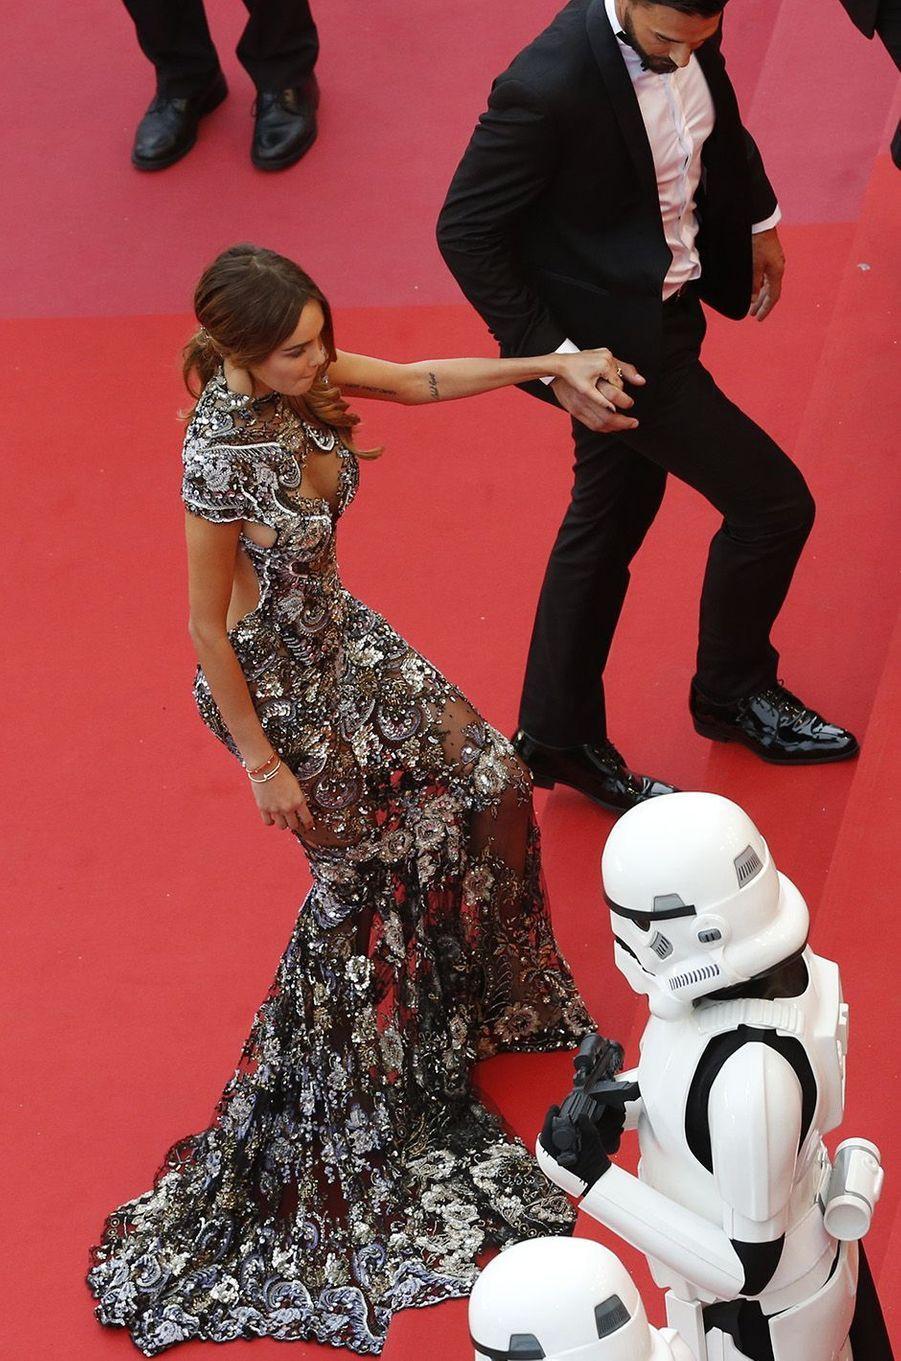 Nabllla et Thomas sur le tapis rouge du festival de Cannes, le 15 mai 2018.